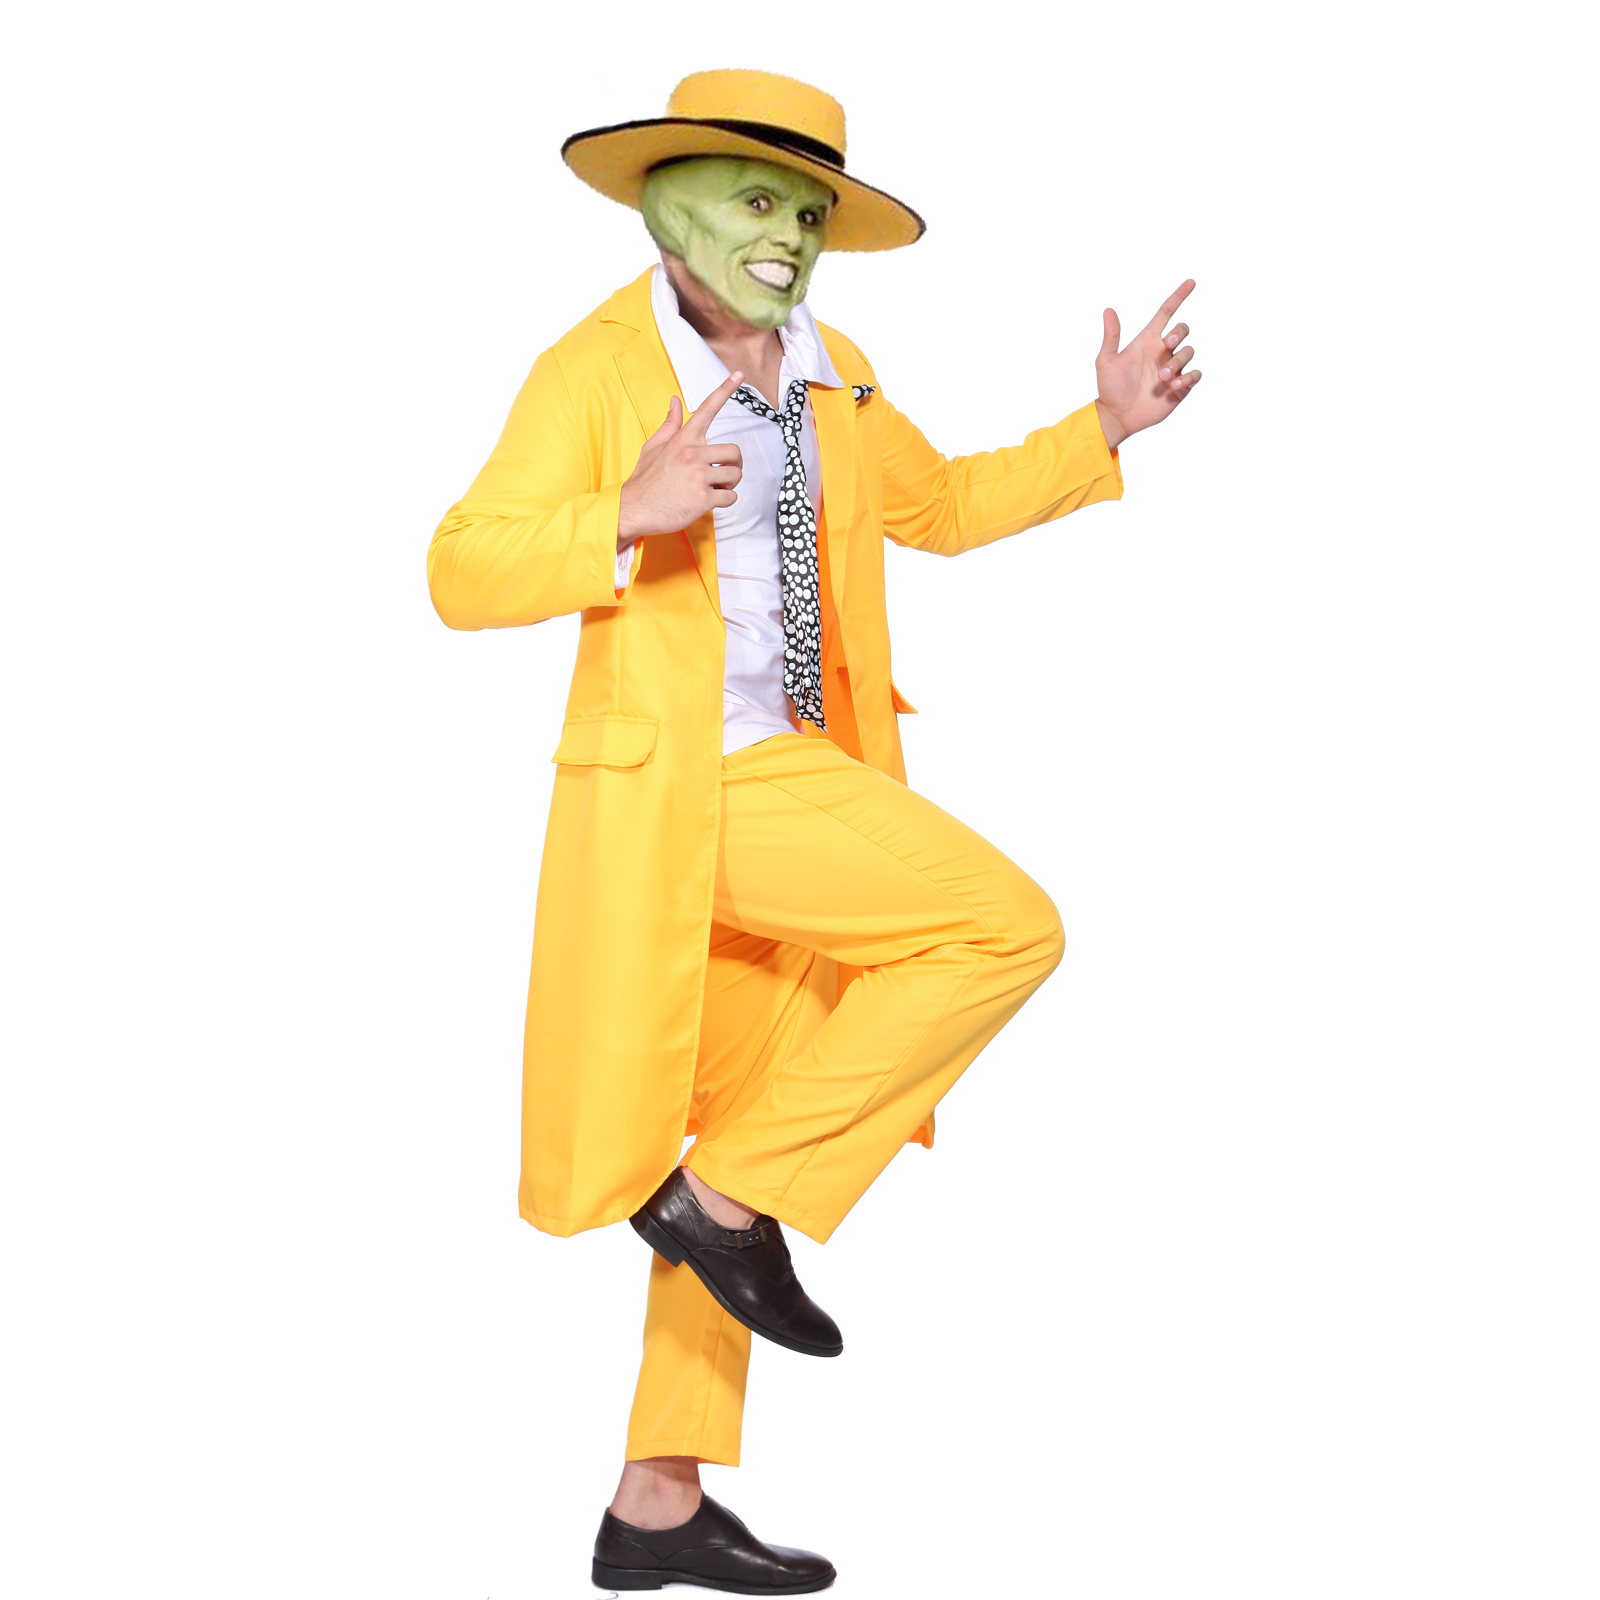 Détails sur 90 S The Mask Jim Carrey Costume Jaune Gangster Costume Fancy  Dress Cosplay Costume, afficher le titre d\u0027origine